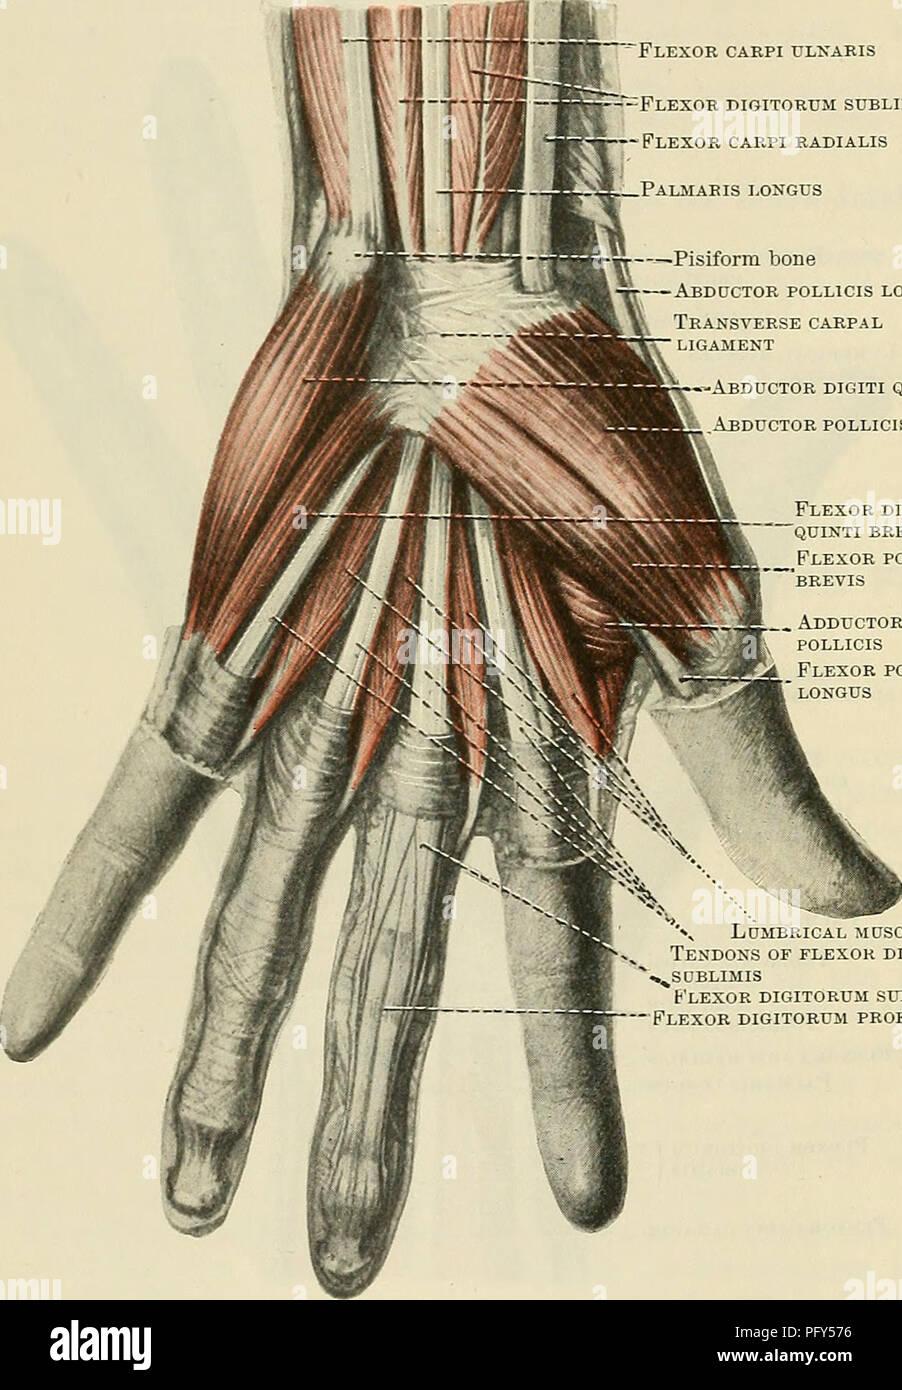 Transverse Carpal Ligament Stock Photos & Transverse Carpal Ligament ...